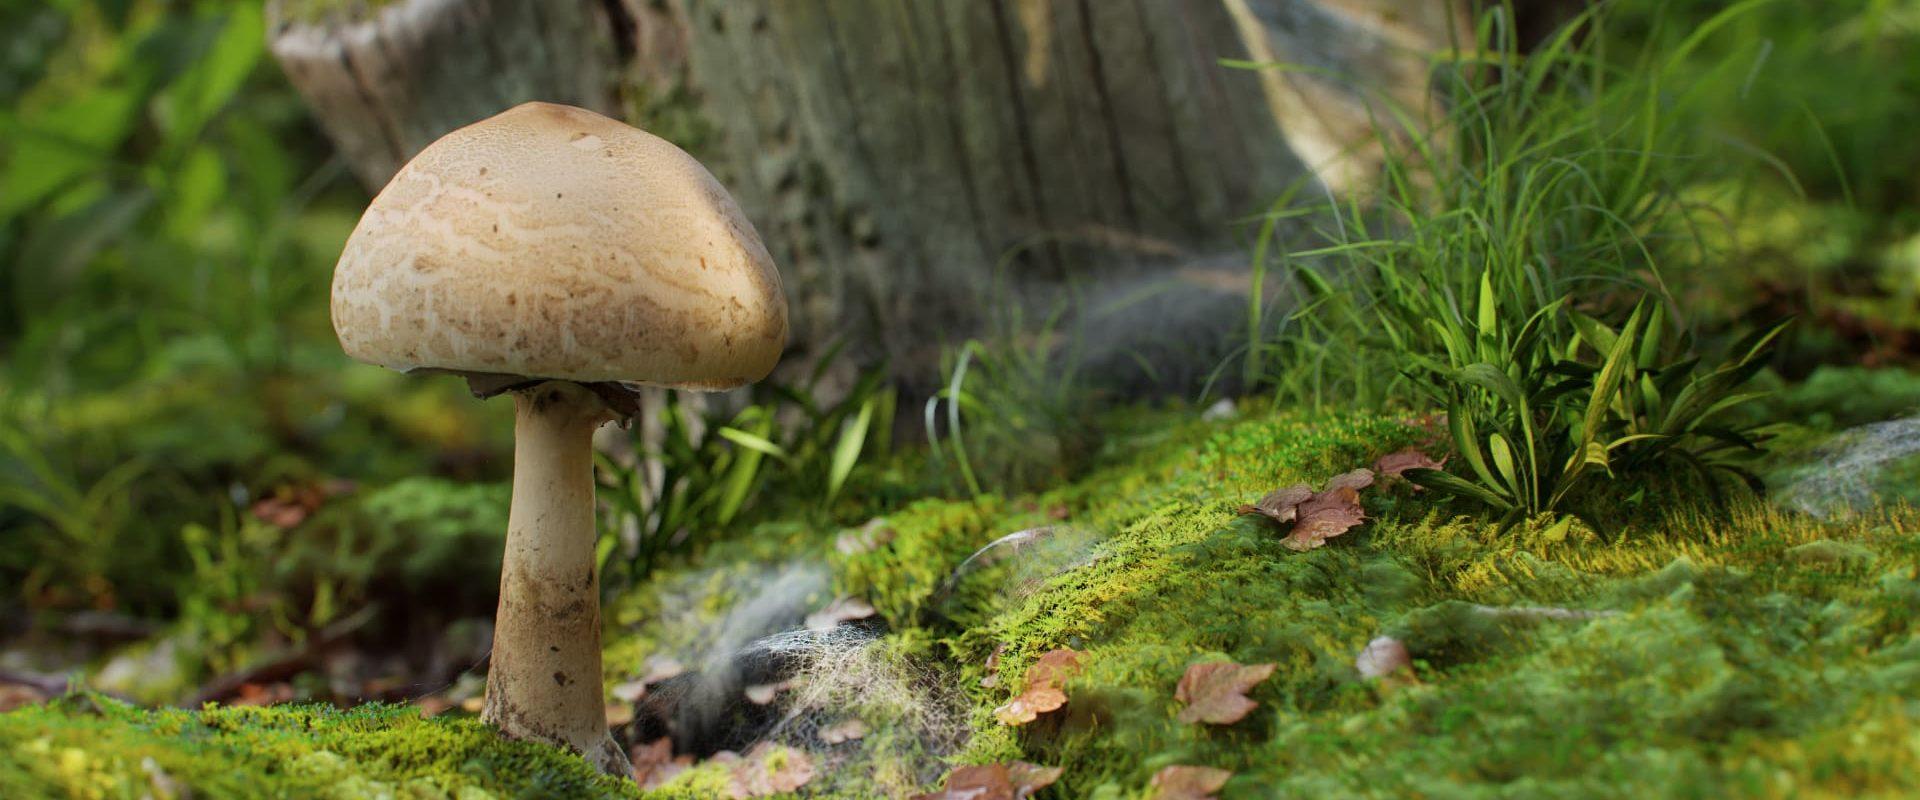 mushroom_03_04